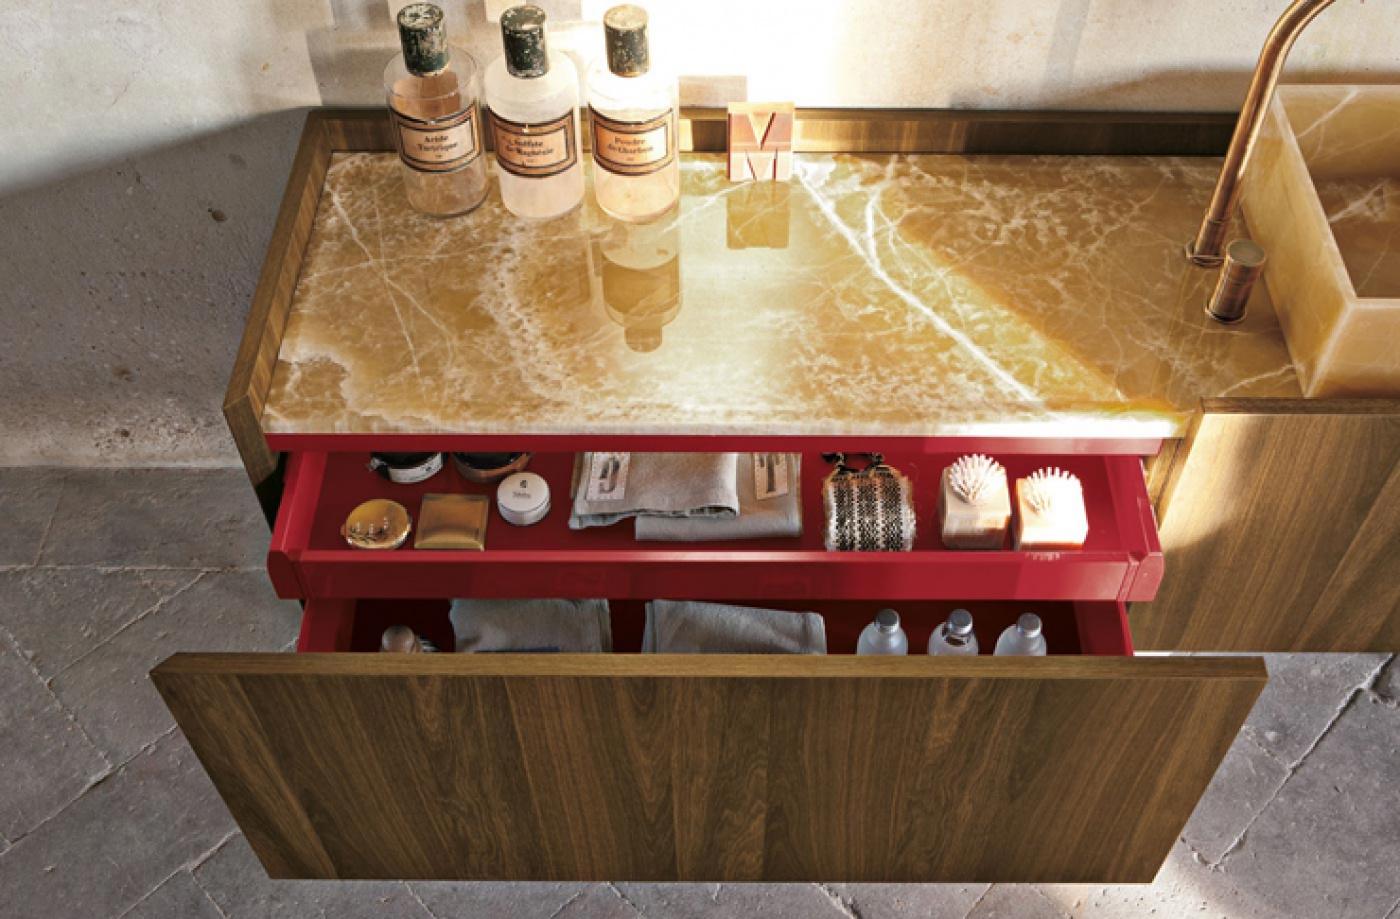 Granit Bains avec meuble Altamarea Must et vasque en Onyx.